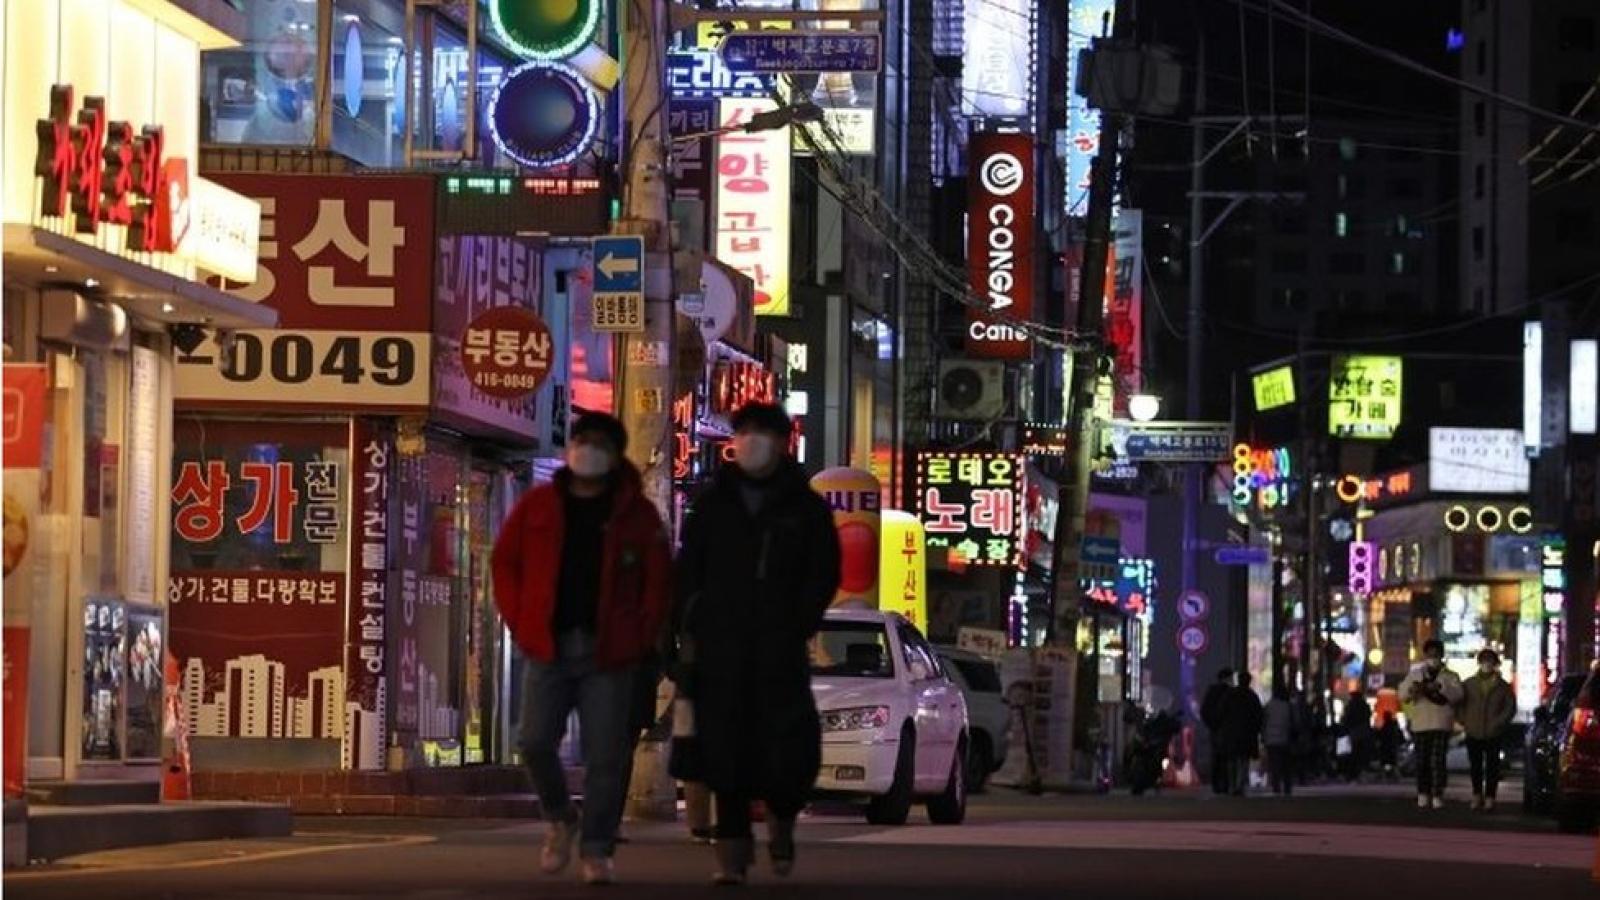 Hàn Quốc tái áp đặt lệnh giới nghiêm để chống dịch Covid-19